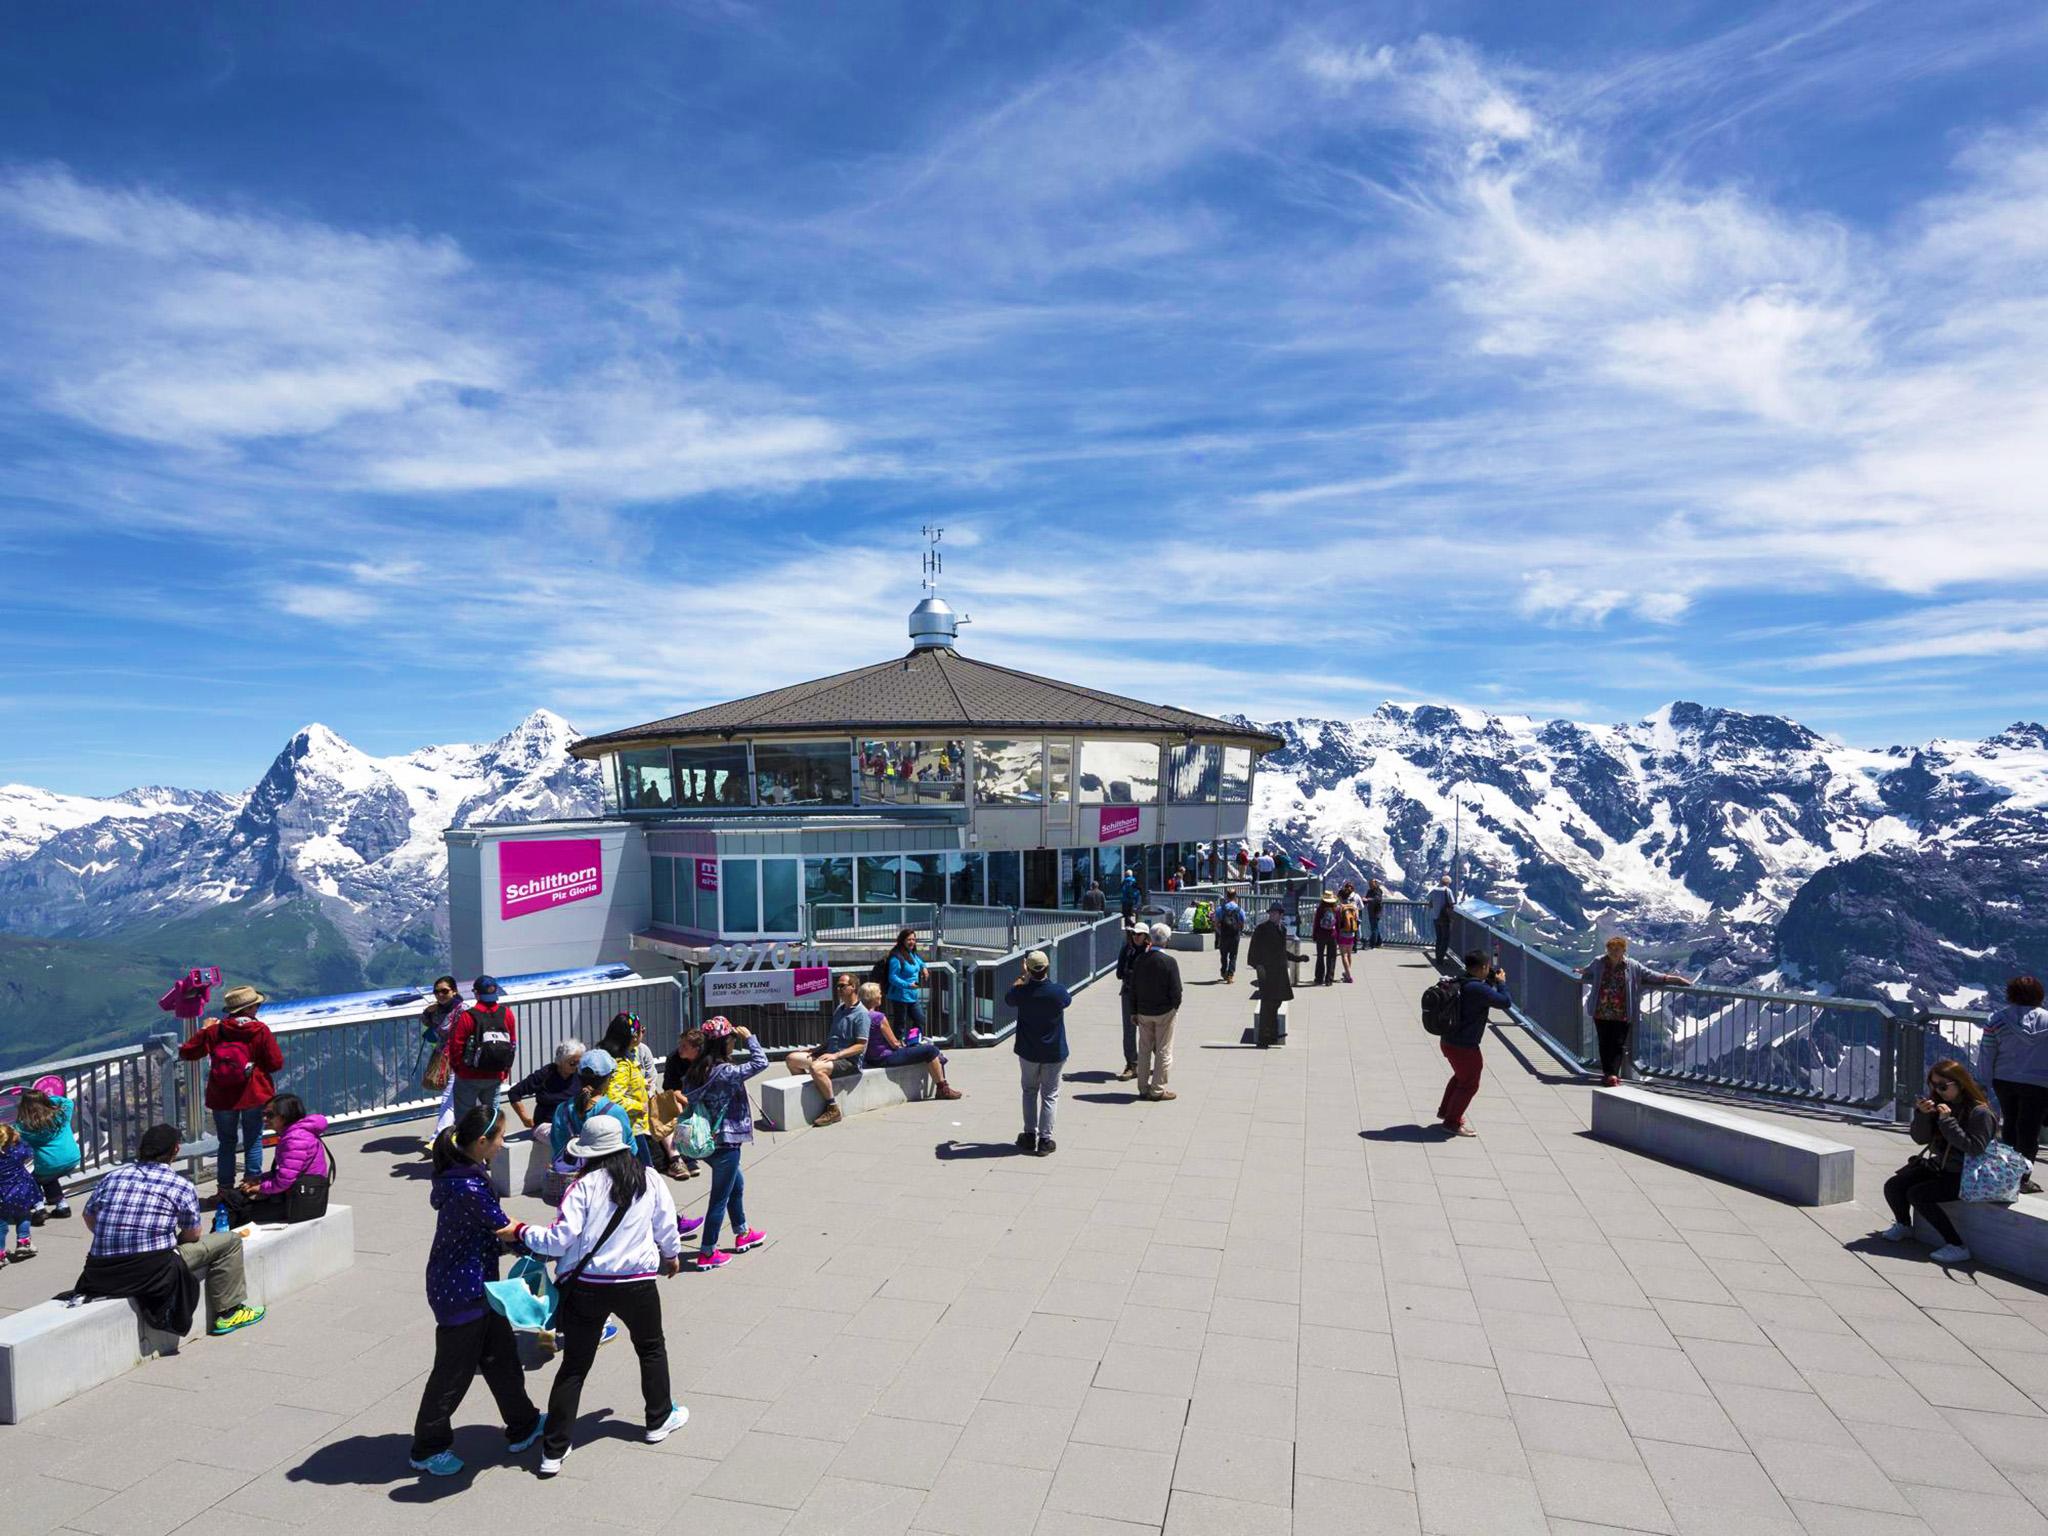 kt_2020_360_Keytours_excursions_Swisstours_interlaken_schilthorn11_2048_10